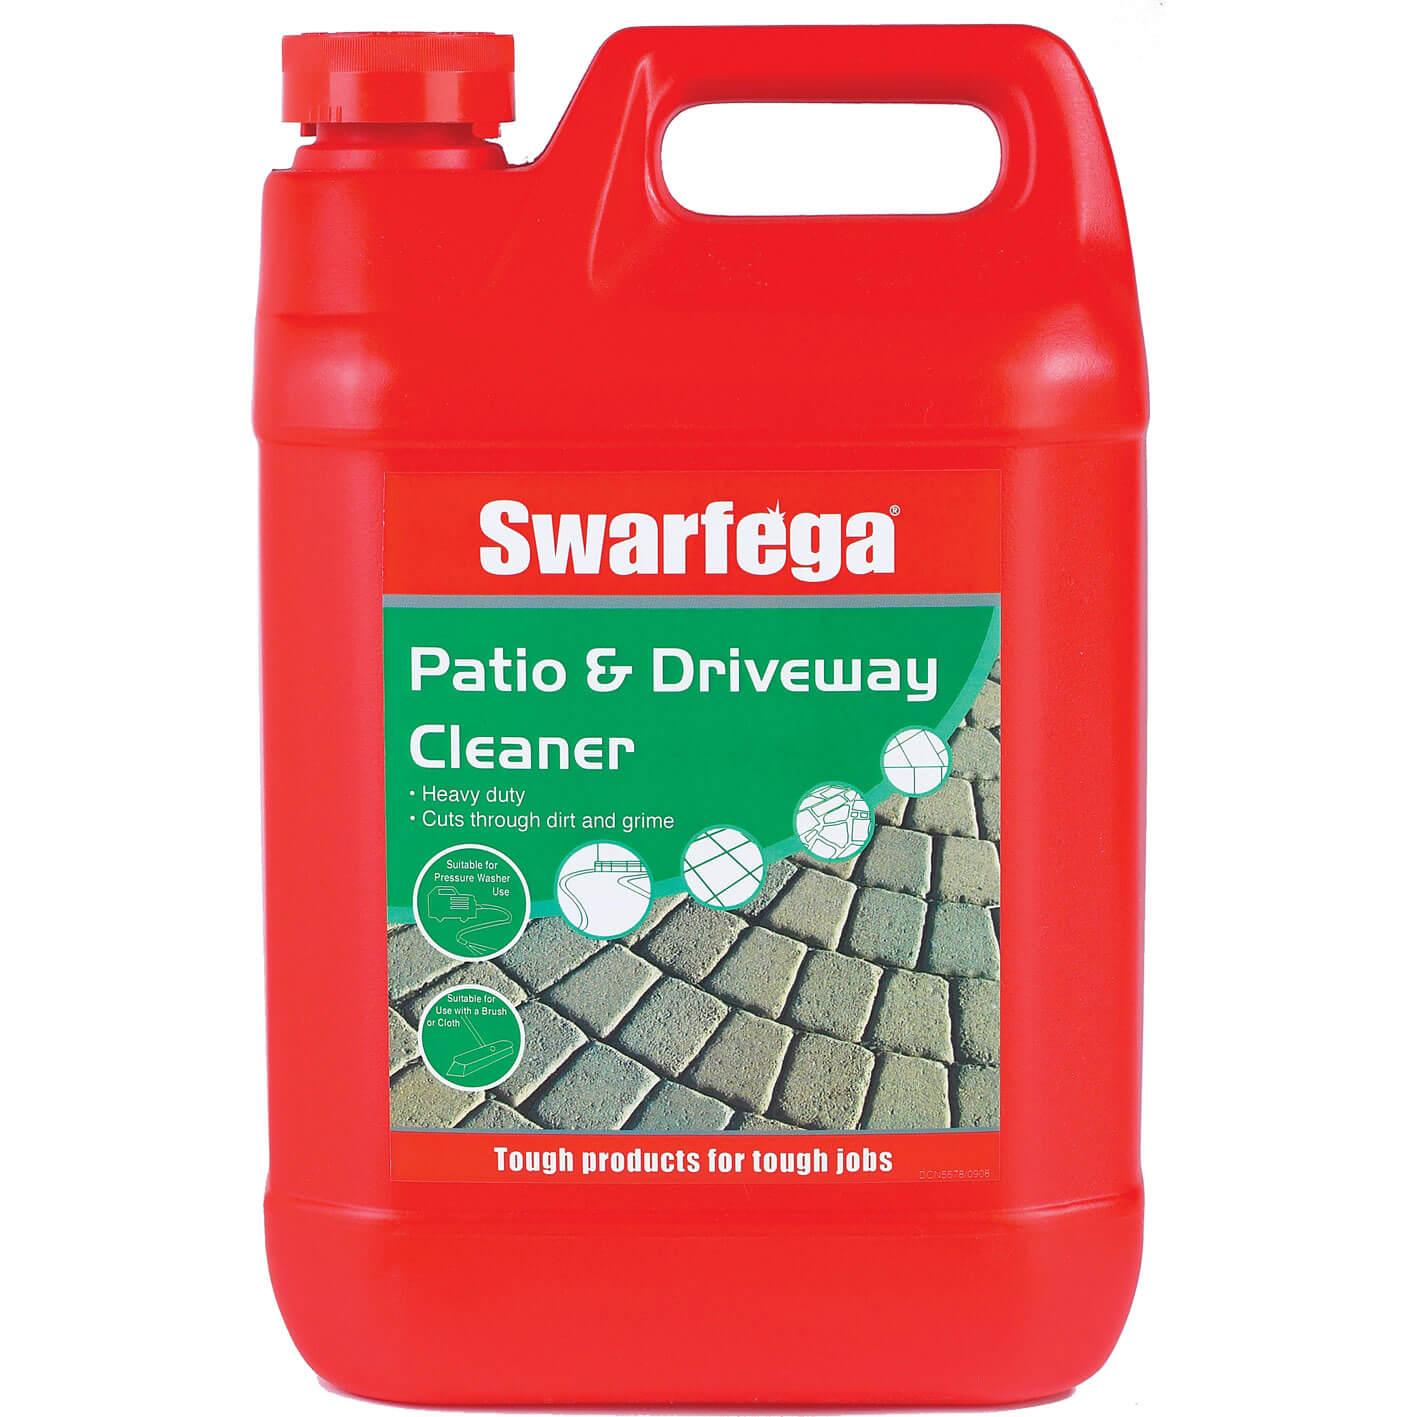 Swarfega Swarfega Patio & Driveway Cleaner 5 Litre